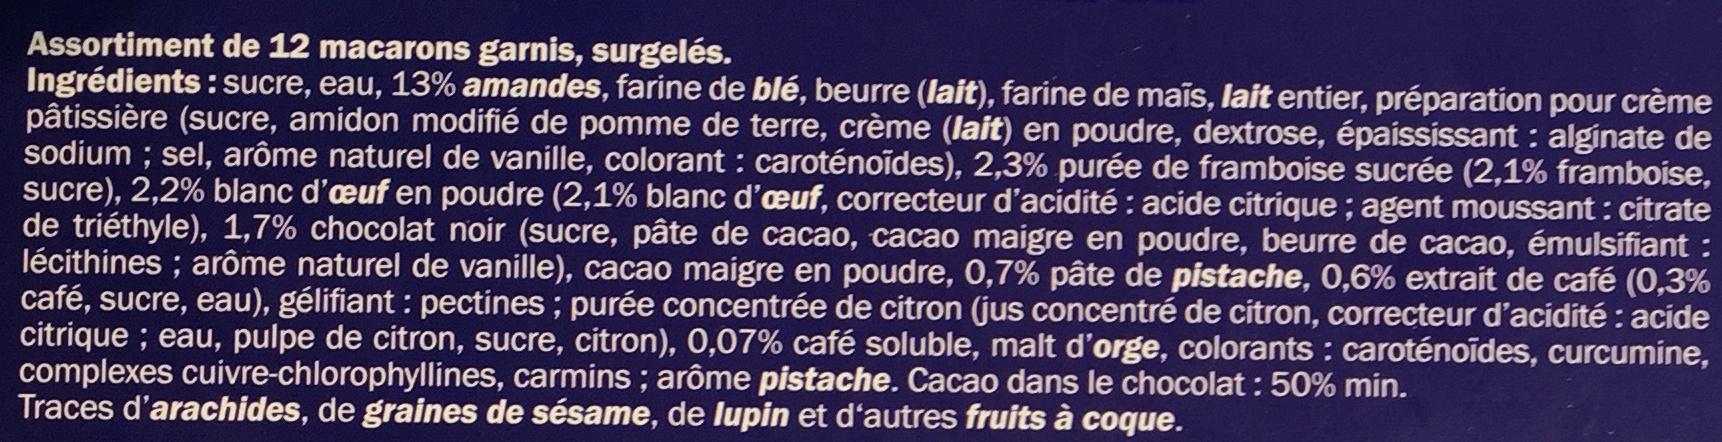 12 macarons Framboise, Chocolat, Pistache et Café - Ingredients